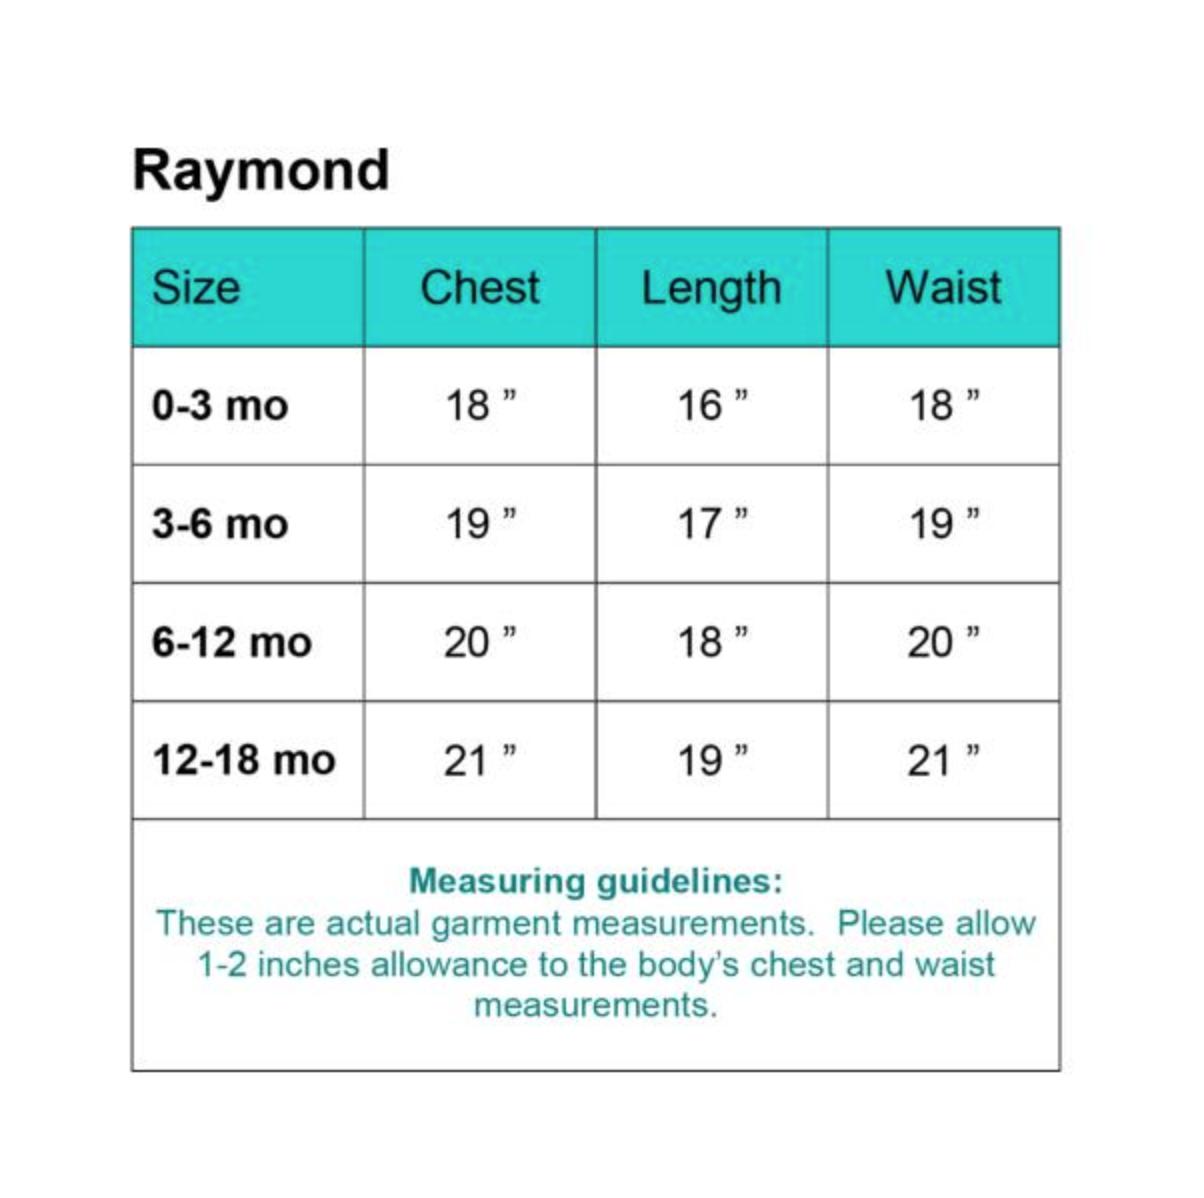 sizing-chart-raymond.png